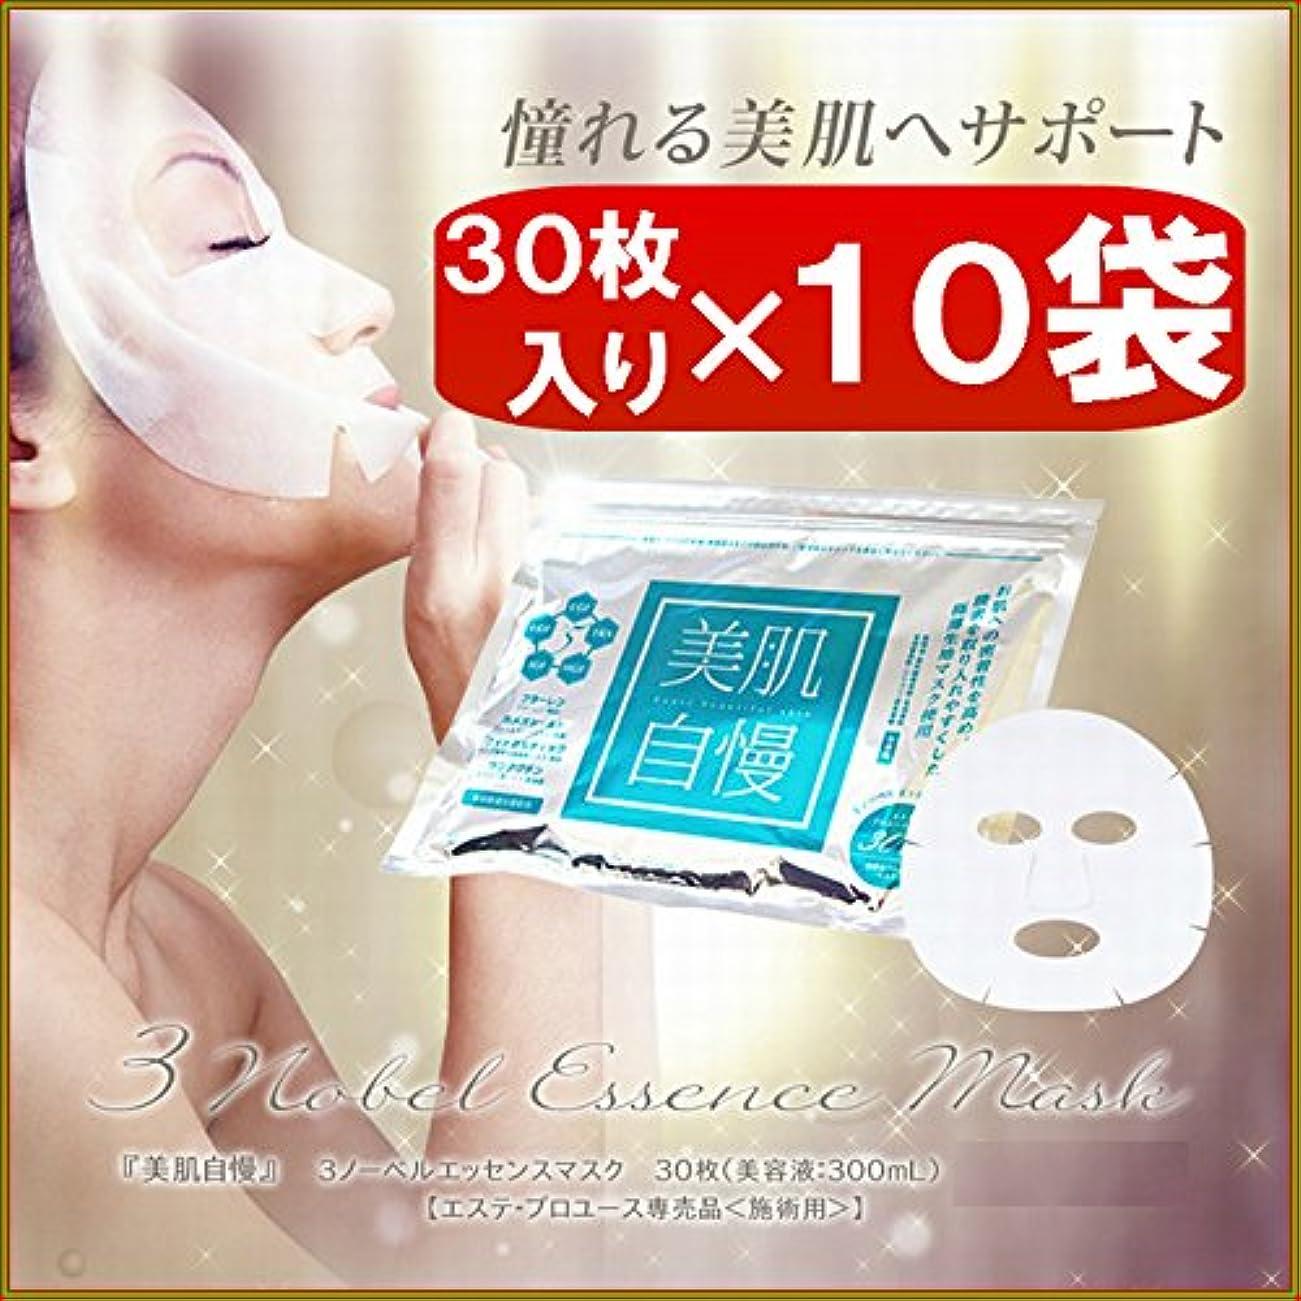 消毒剤札入れ類推美肌自慢フェイスマスク 30枚入り ×超お得10袋セット 《エッセンスマスク、EGF、IGF、ヒアルロン酸、プラセンタ、アルブチン、カタツムリエキス、しみ、しわ》